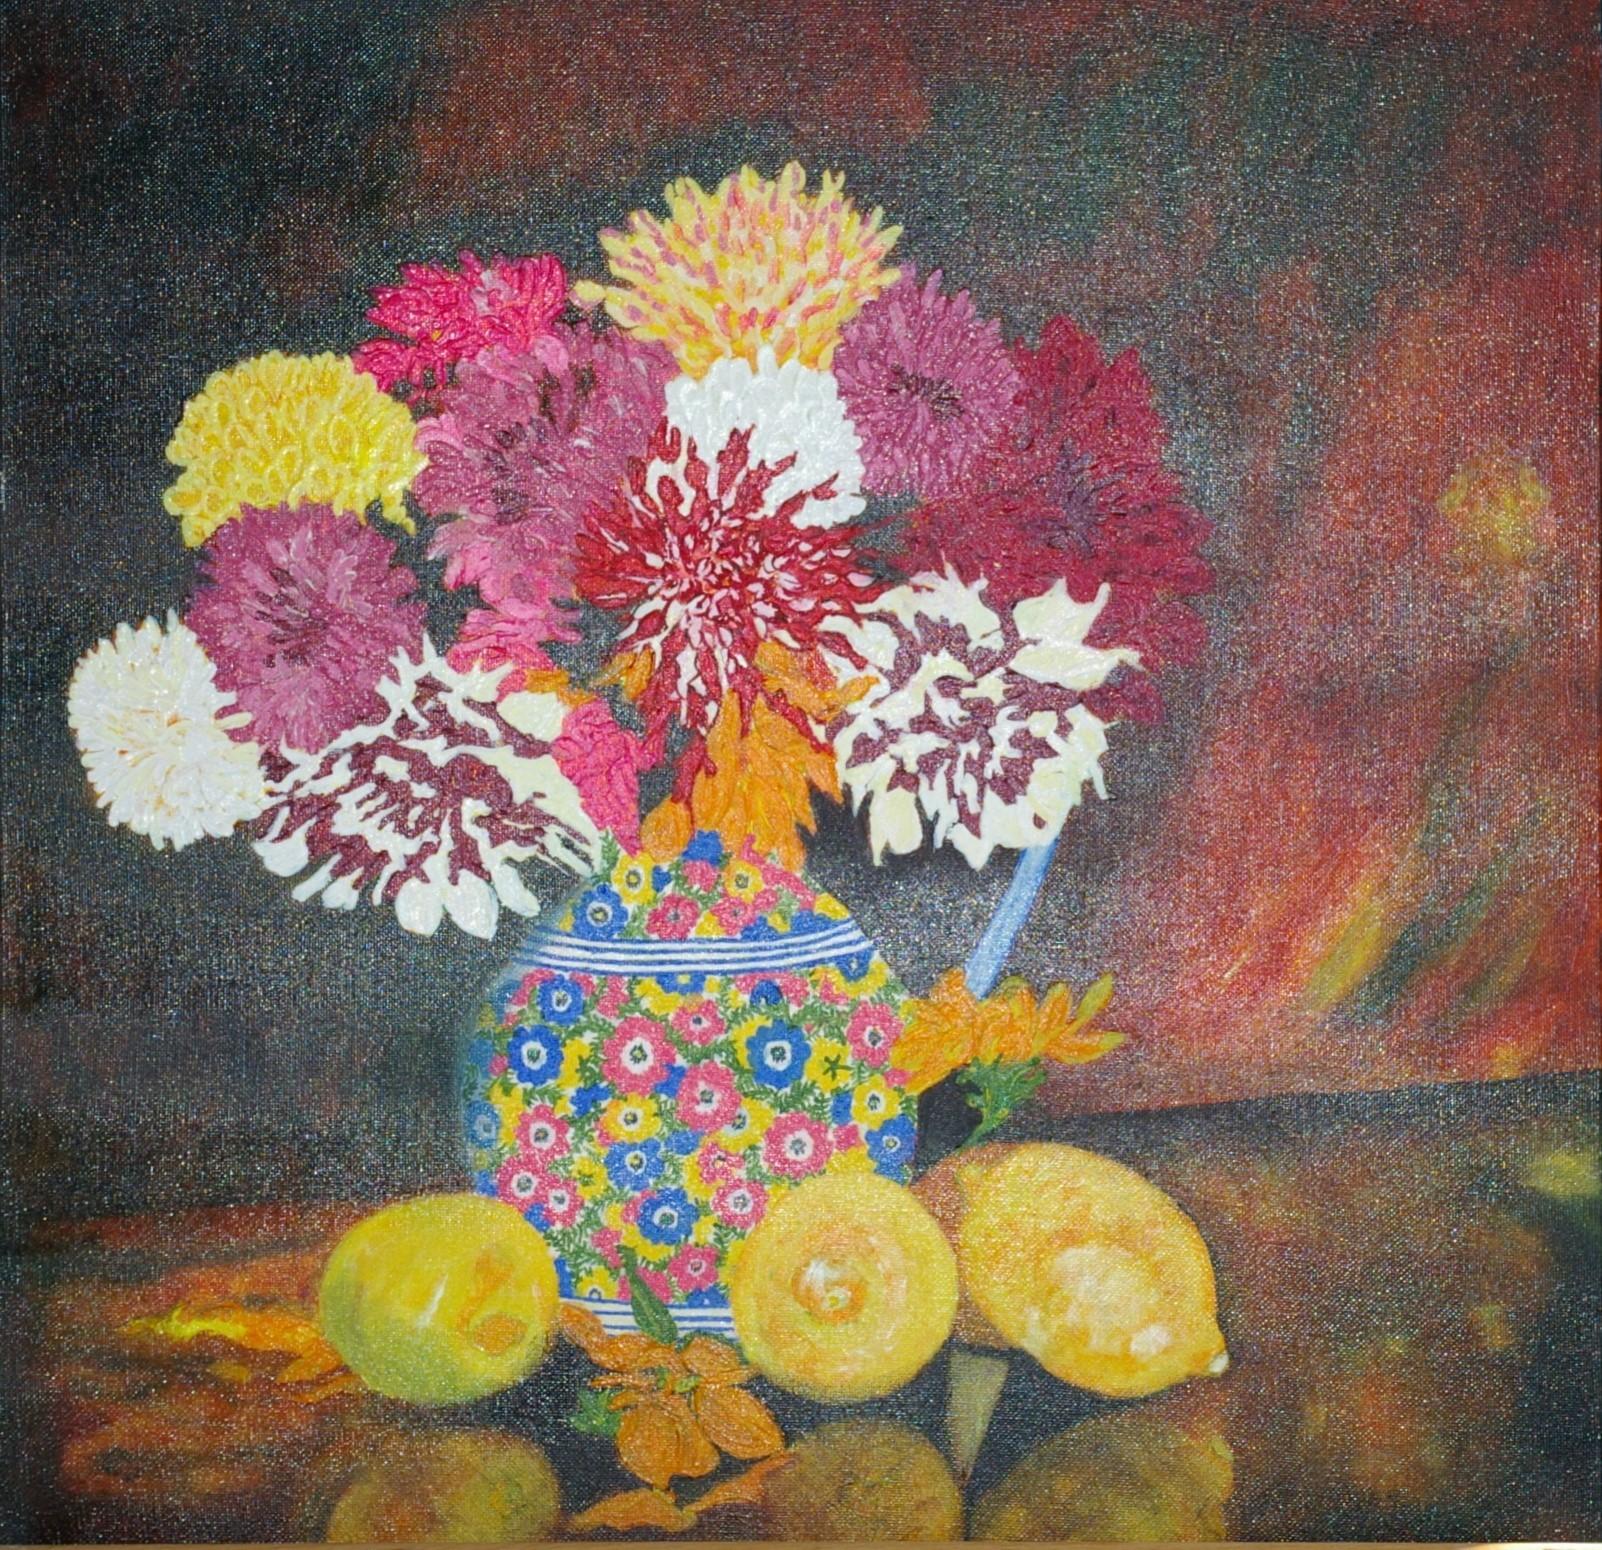 Dahlia's and Lemons. £150.00